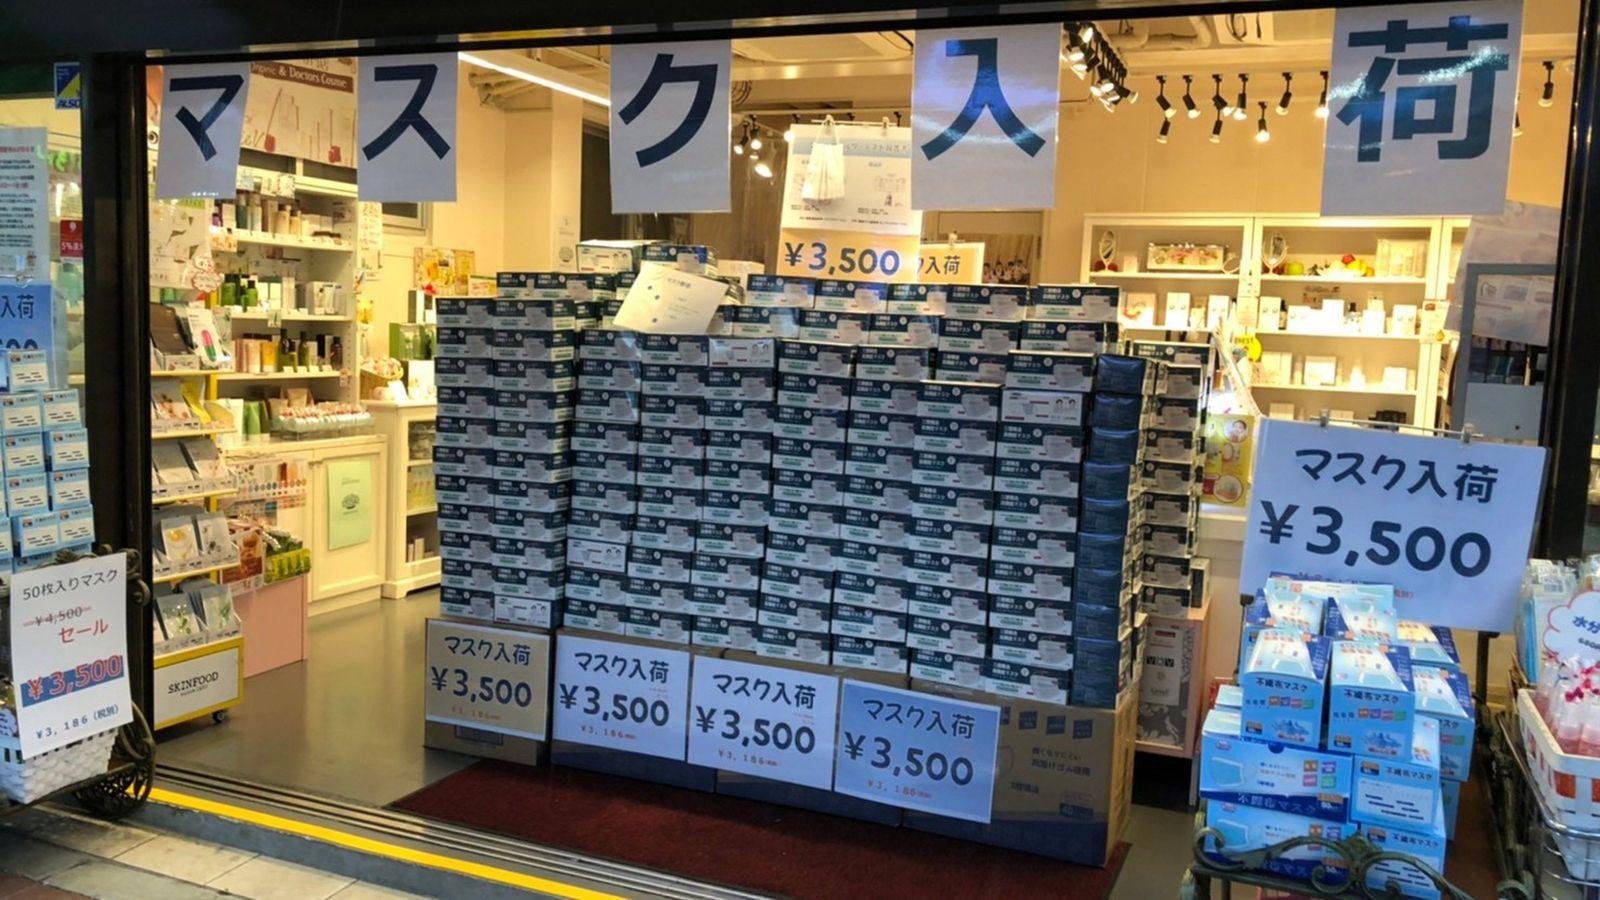 未だ届かぬアベノマスク…東京・新大久保では怒濤の叩き売りが始まっていた なぜだ!?山積みされるマスクの箱